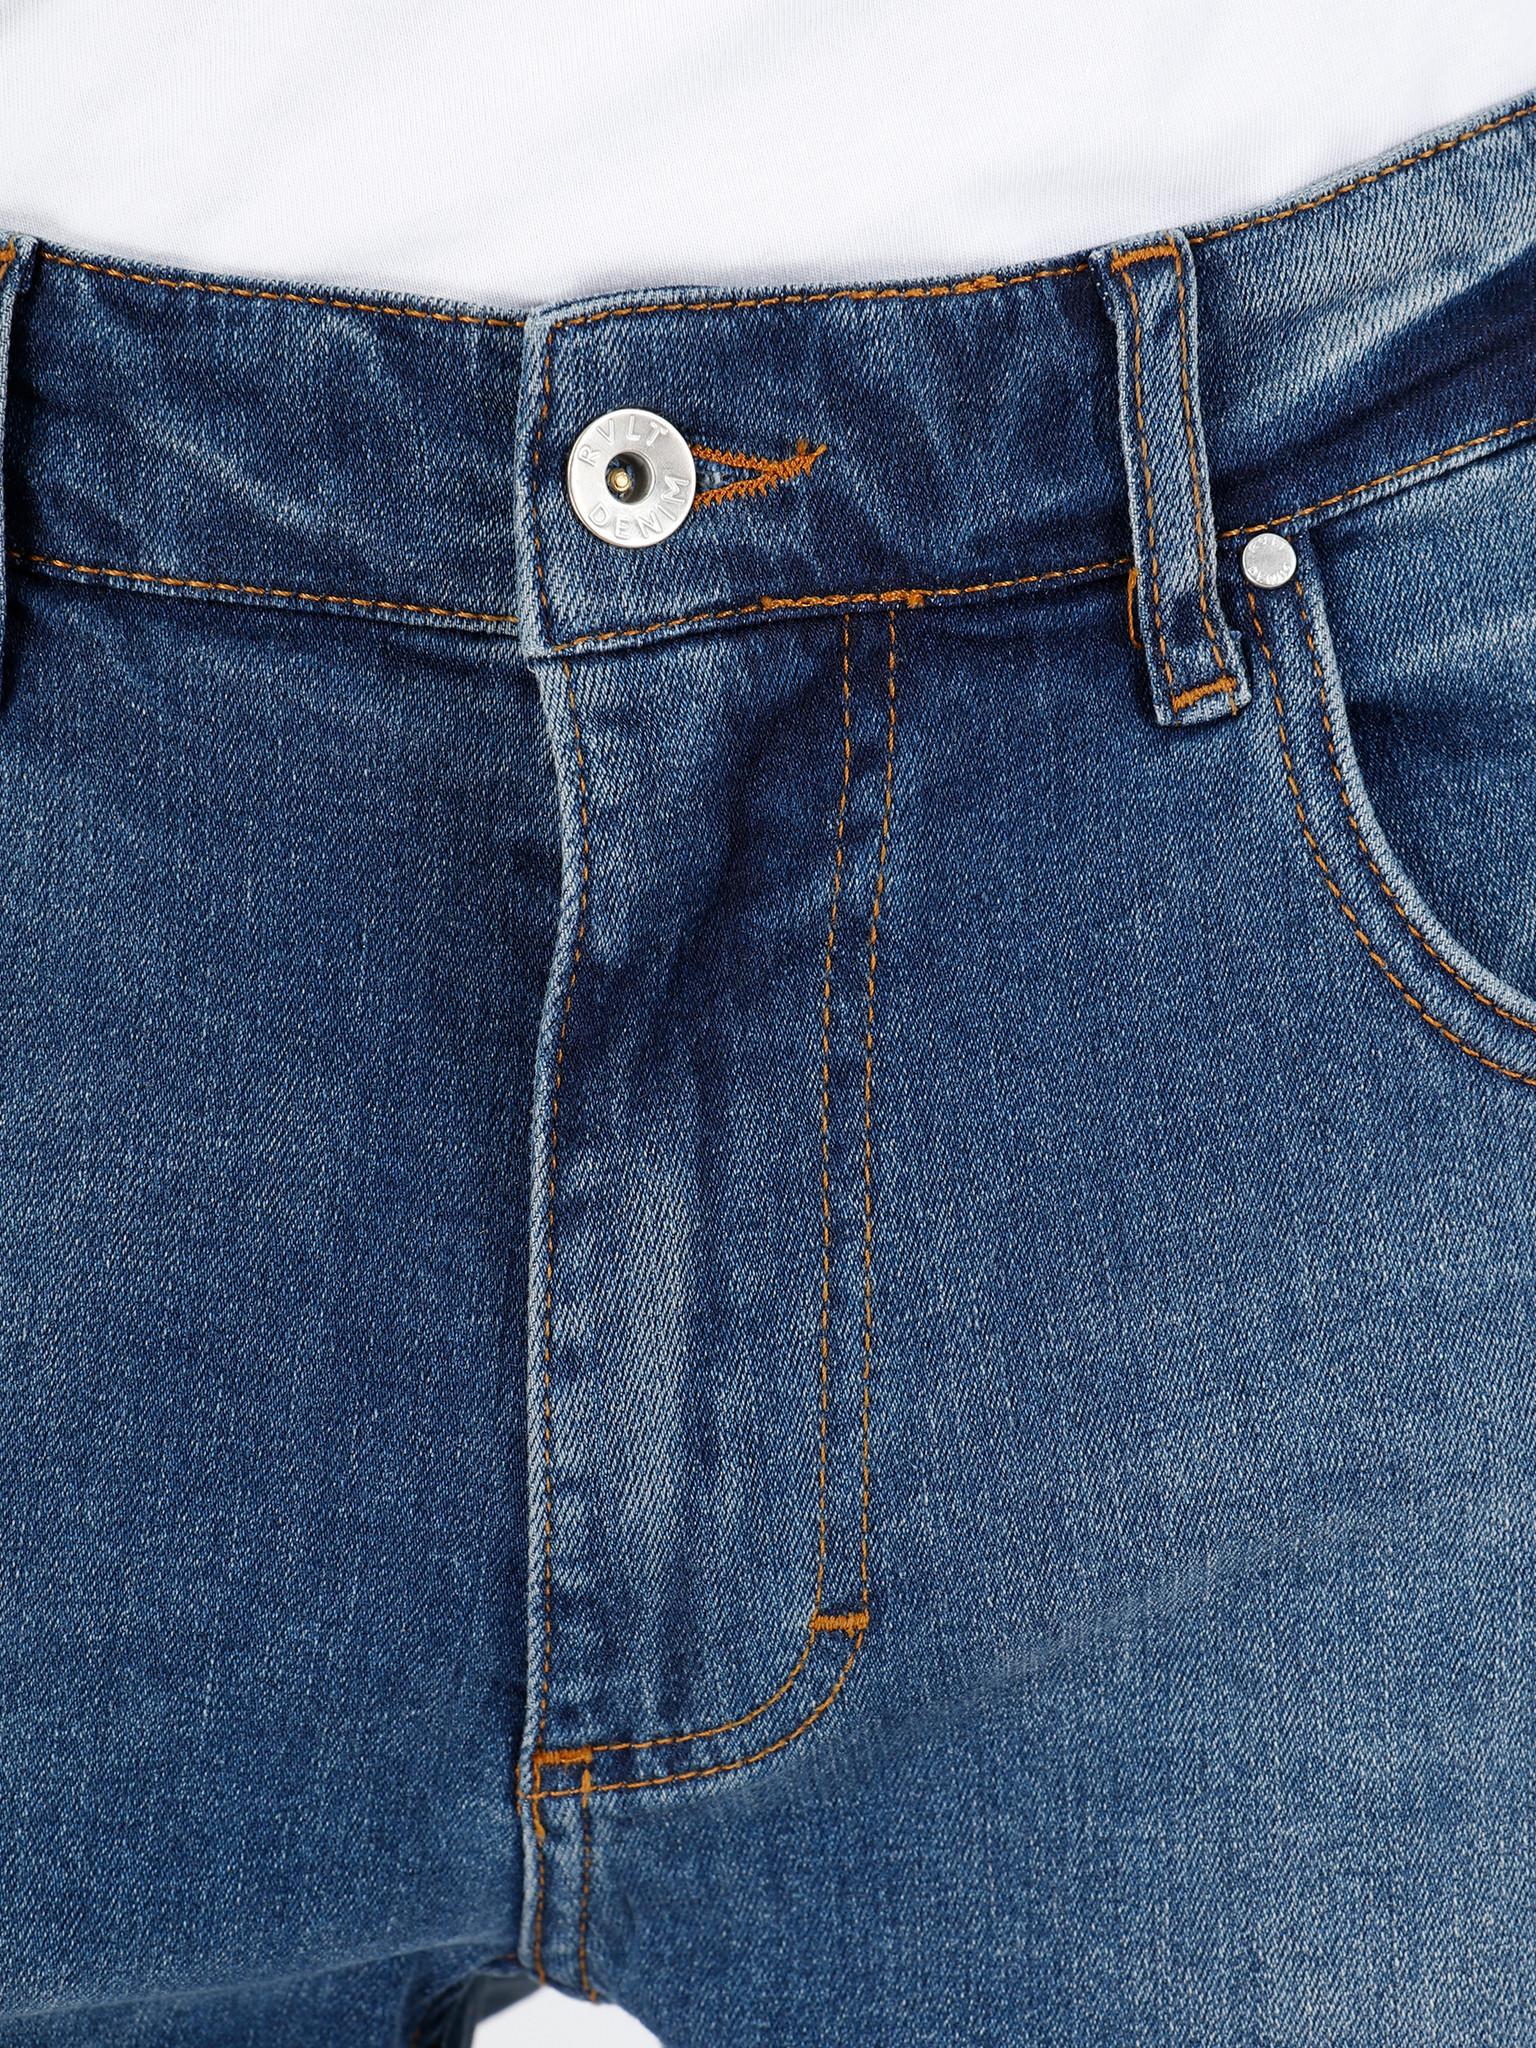 RVLT RVLT Destroyed Wash Shorts Light Blue 5403